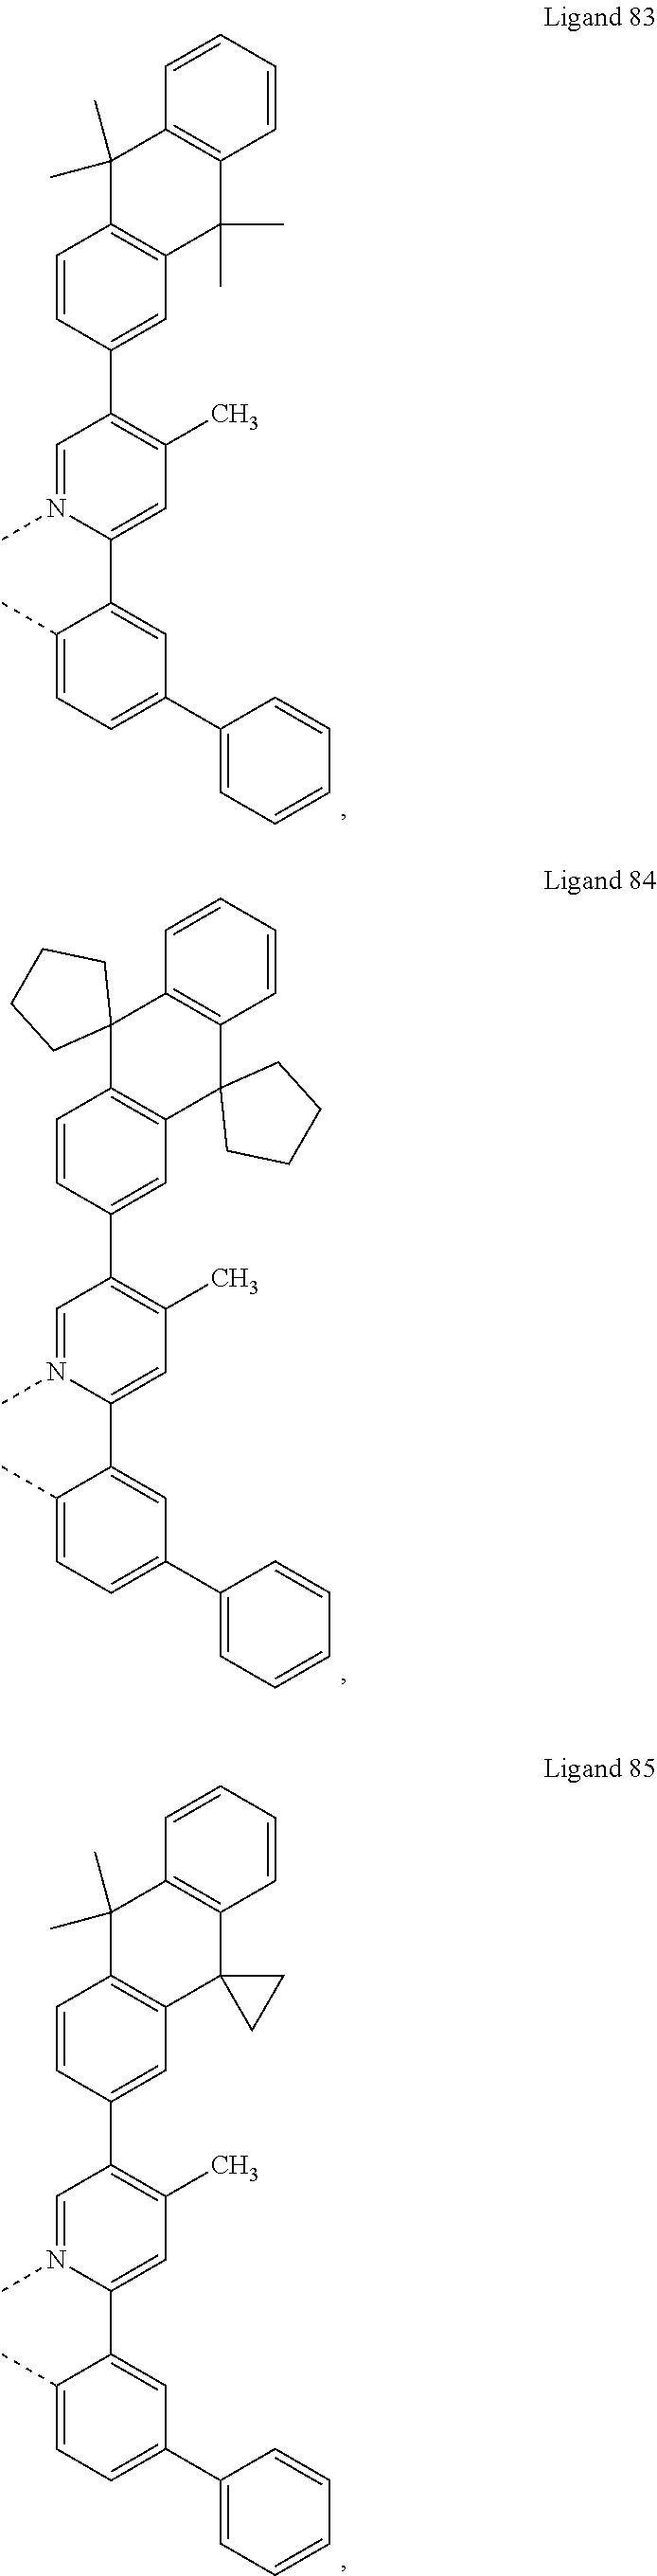 Figure US20180130962A1-20180510-C00246